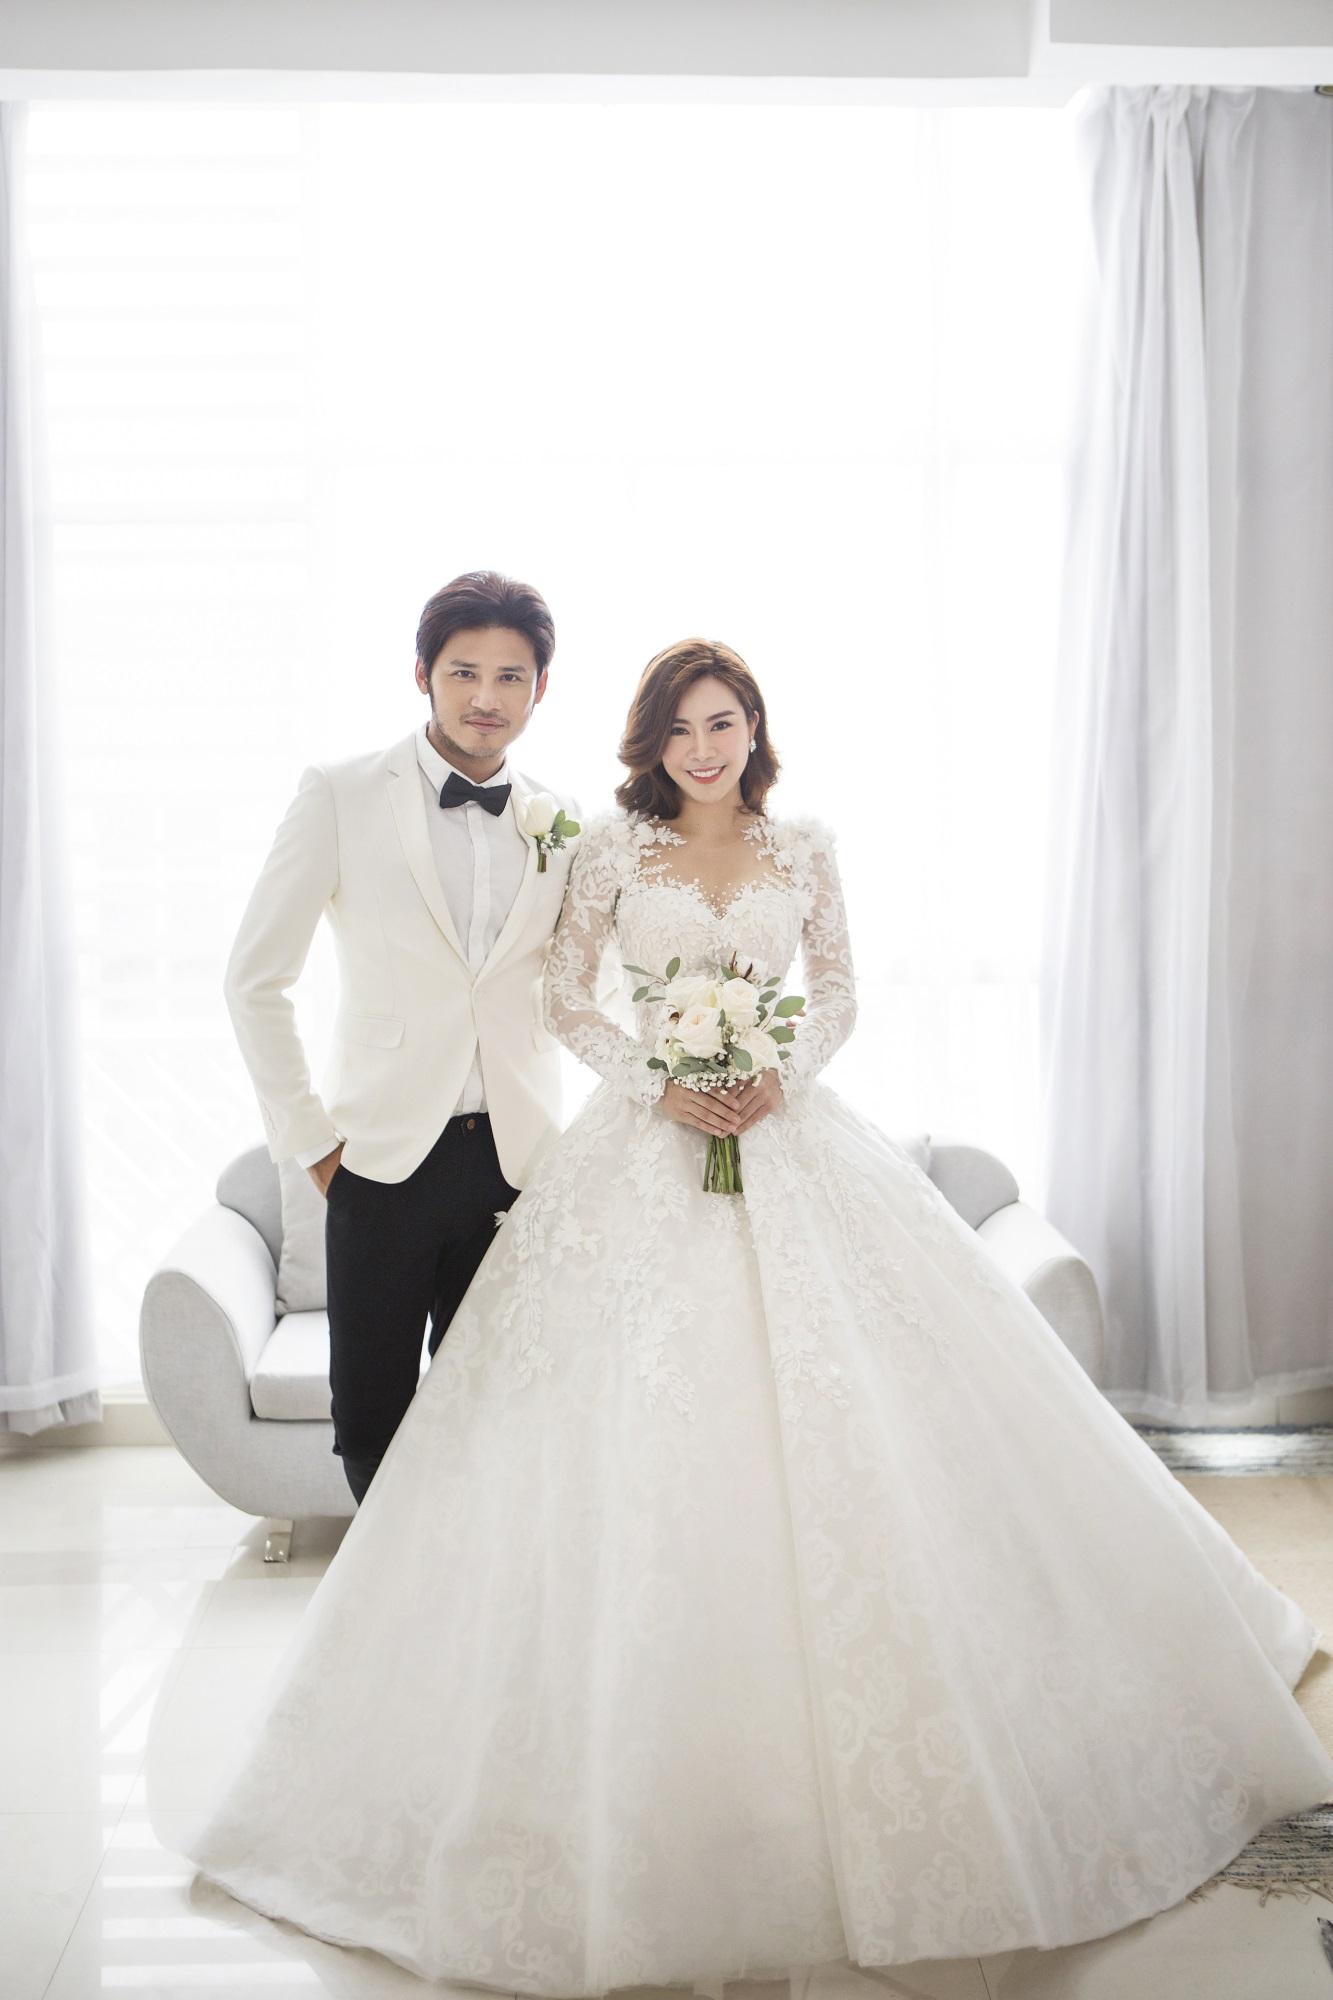 Diễn viên Gạo nếp gạo tẻ 'khoá môi' bạn trai ngọt ngào trong ảnh cưới - Ảnh 6